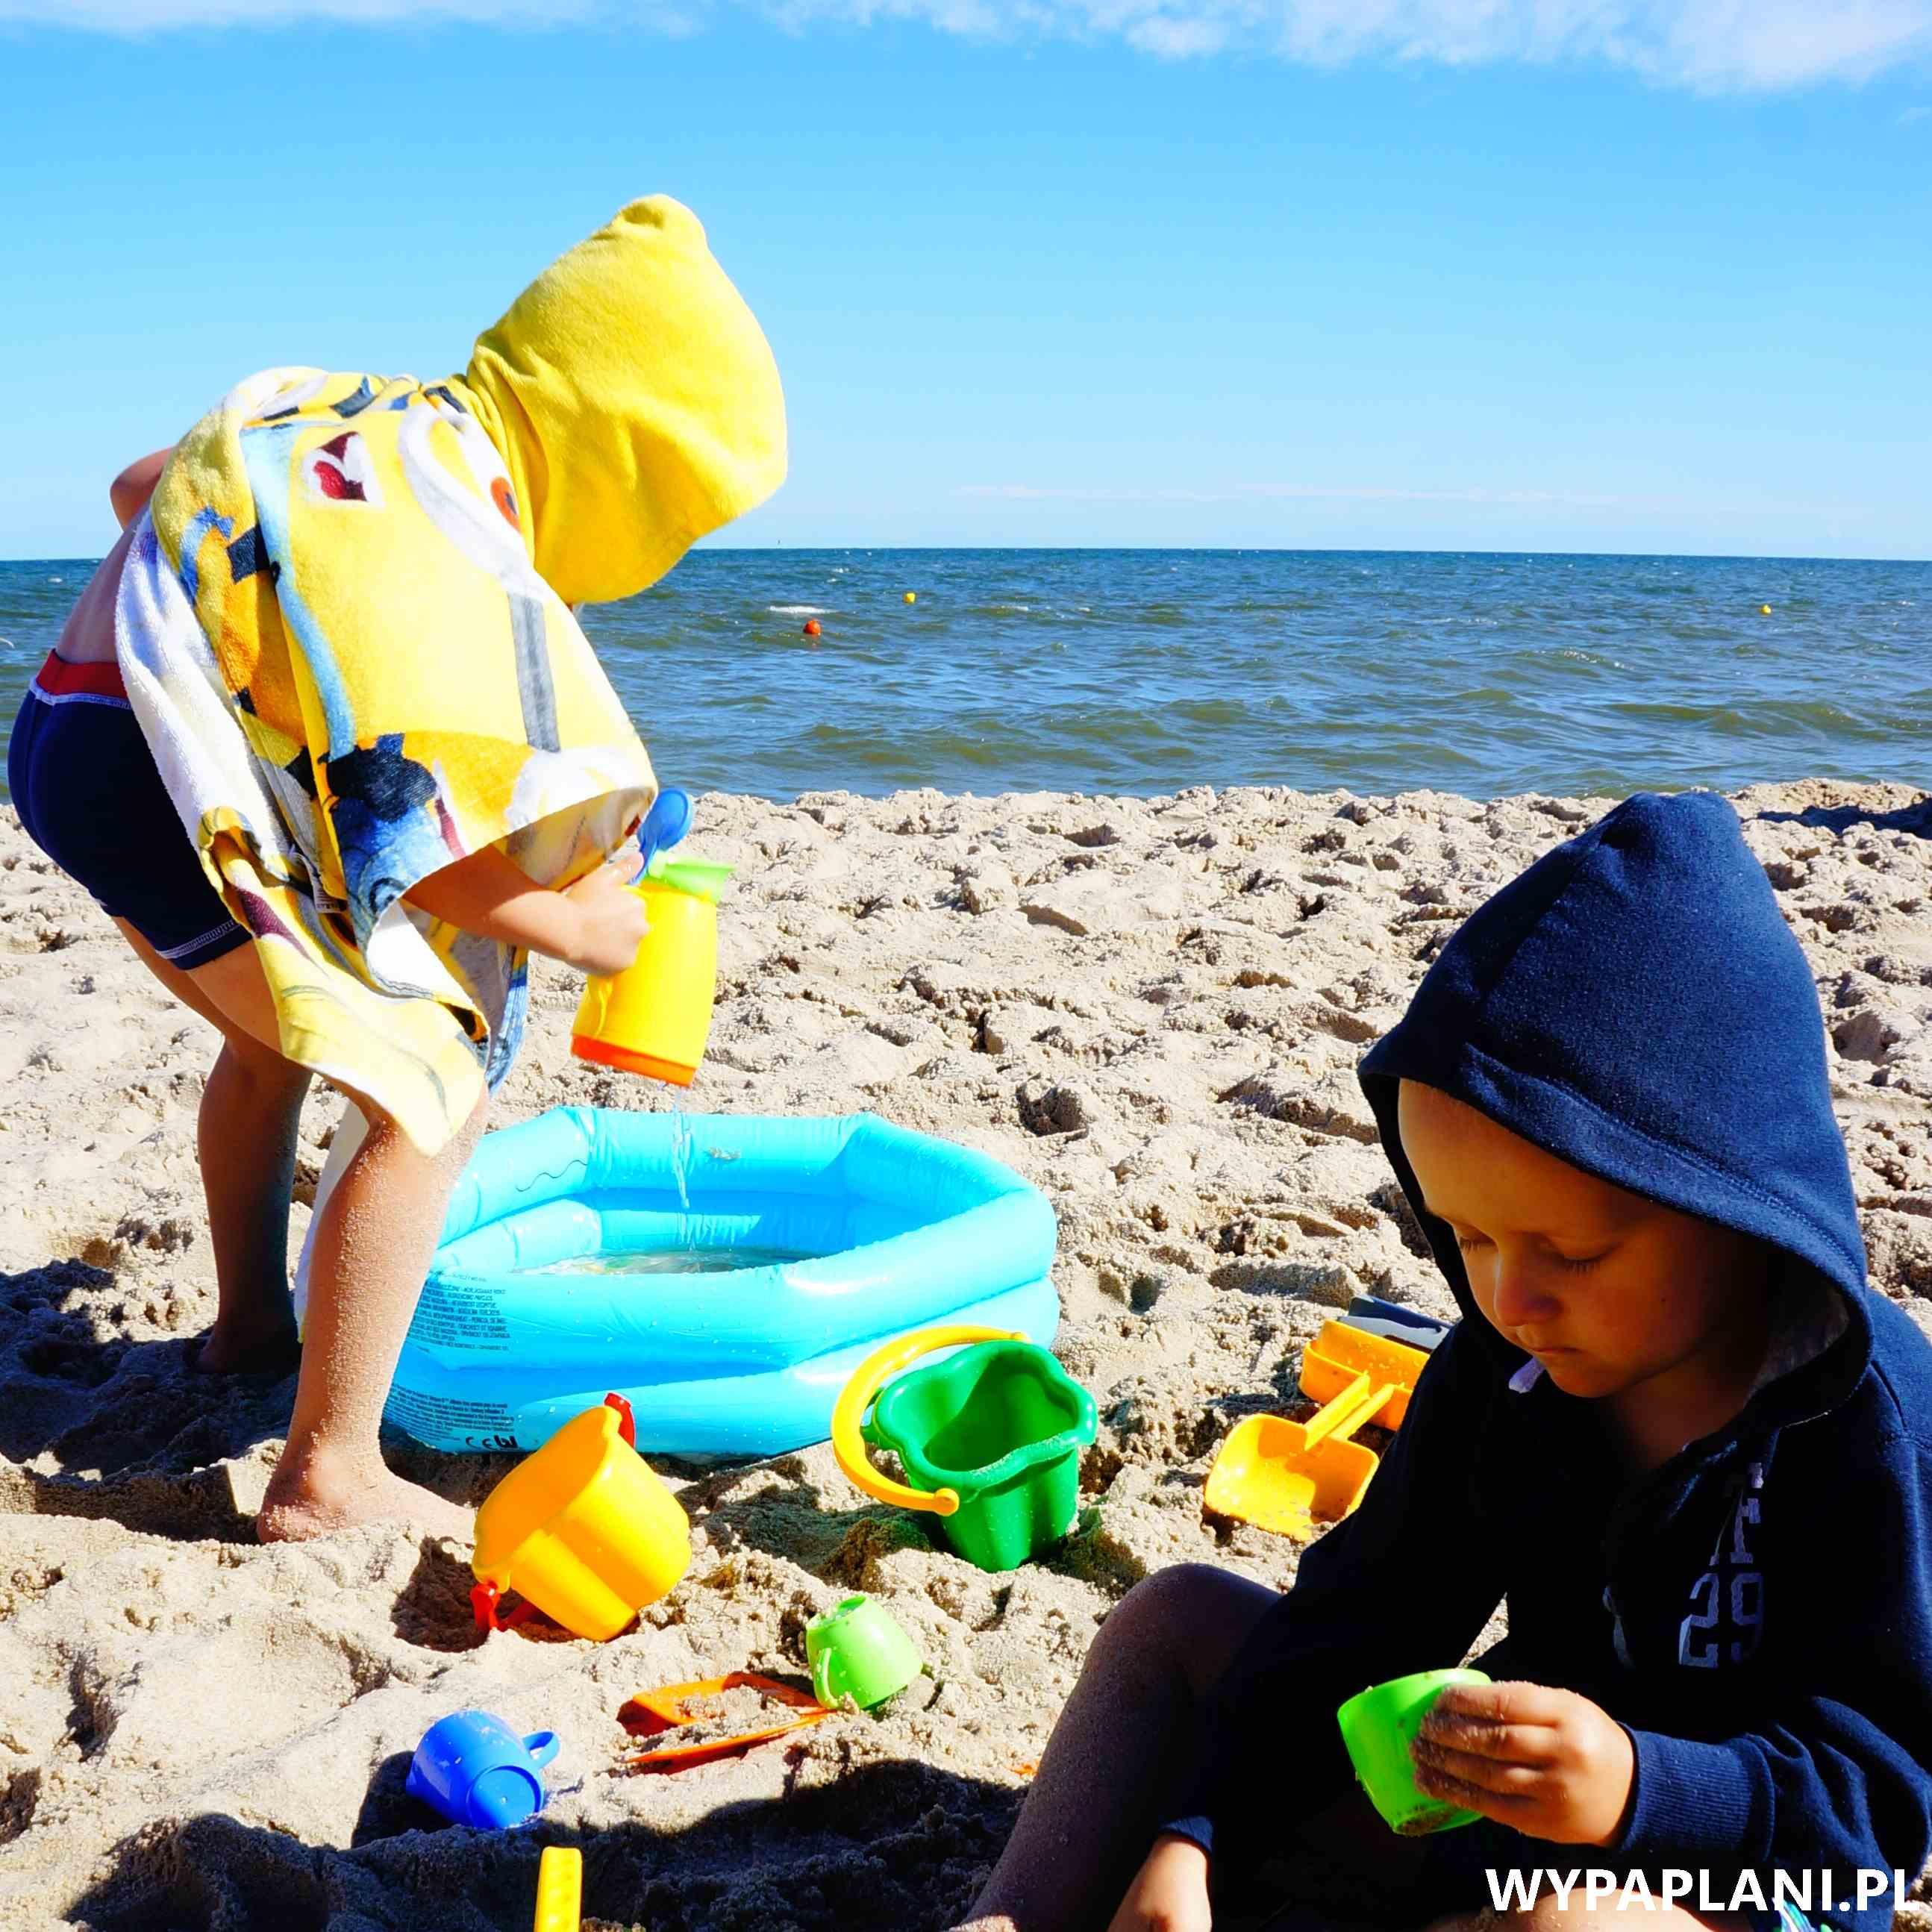 012_top zabawki do piasku piaskownicy na plażę